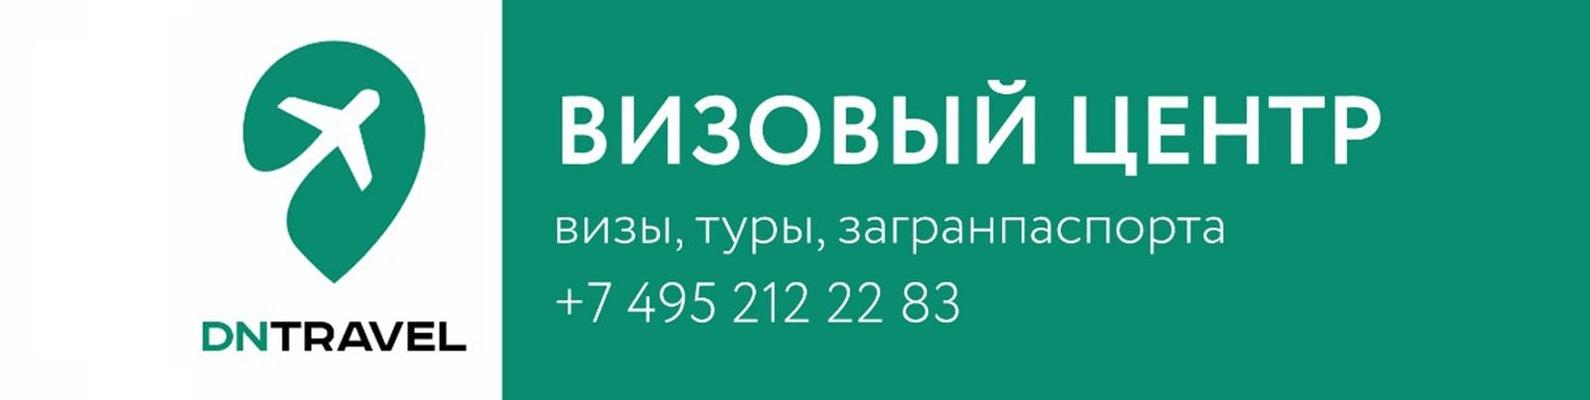 Турфирмы москвы делающие загранпаспорта